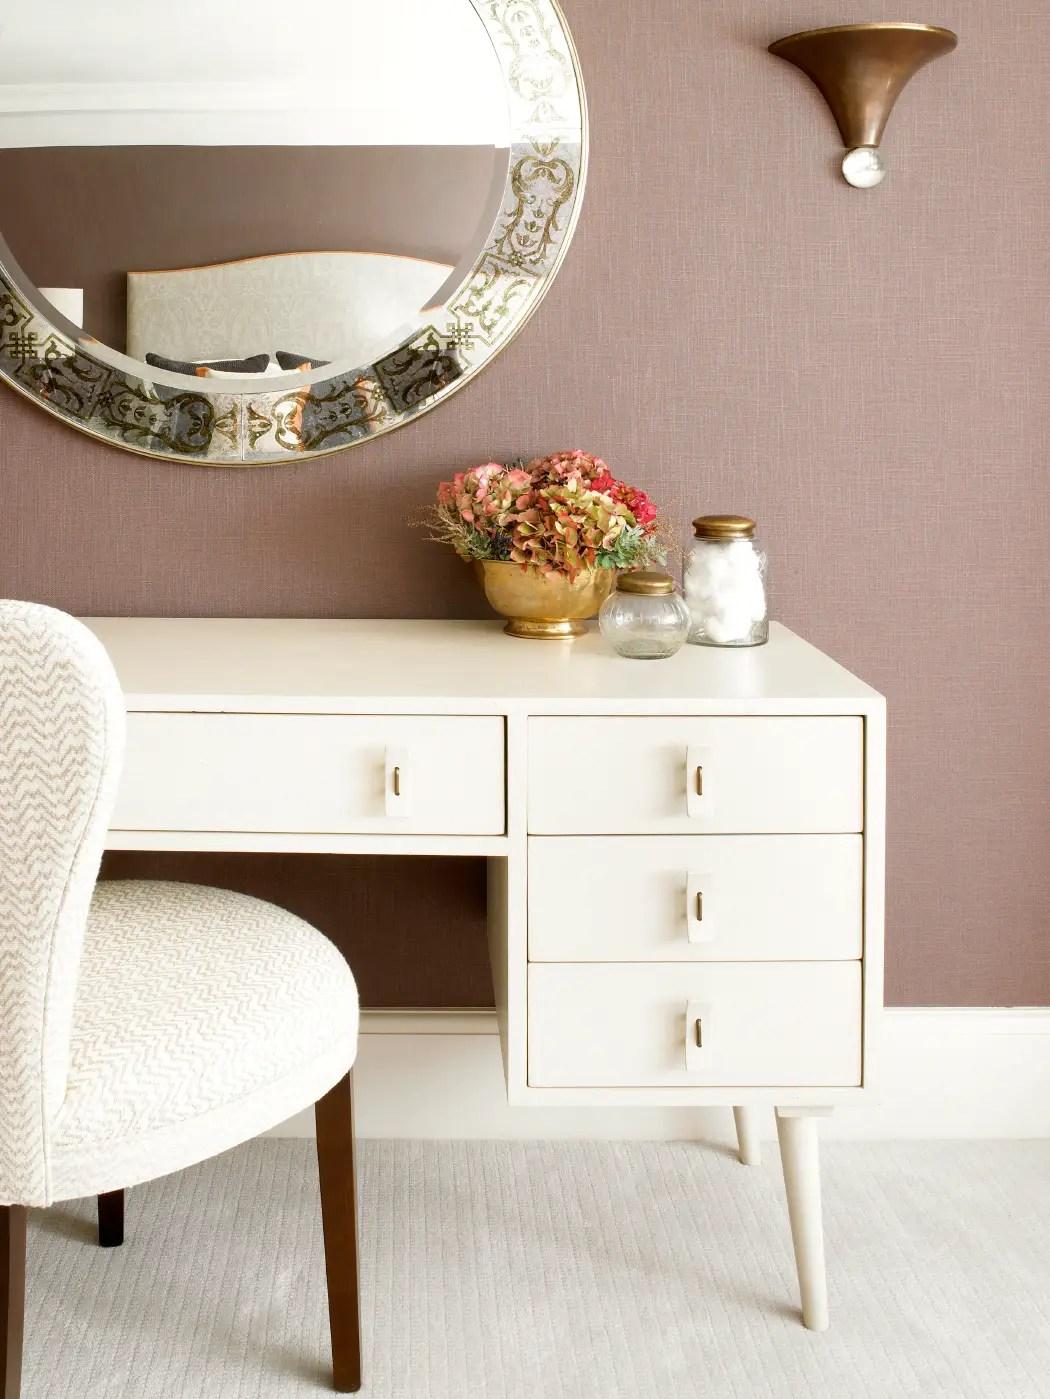 schminktisch einrichten modernes schlafzimmer von. Black Bedroom Furniture Sets. Home Design Ideas